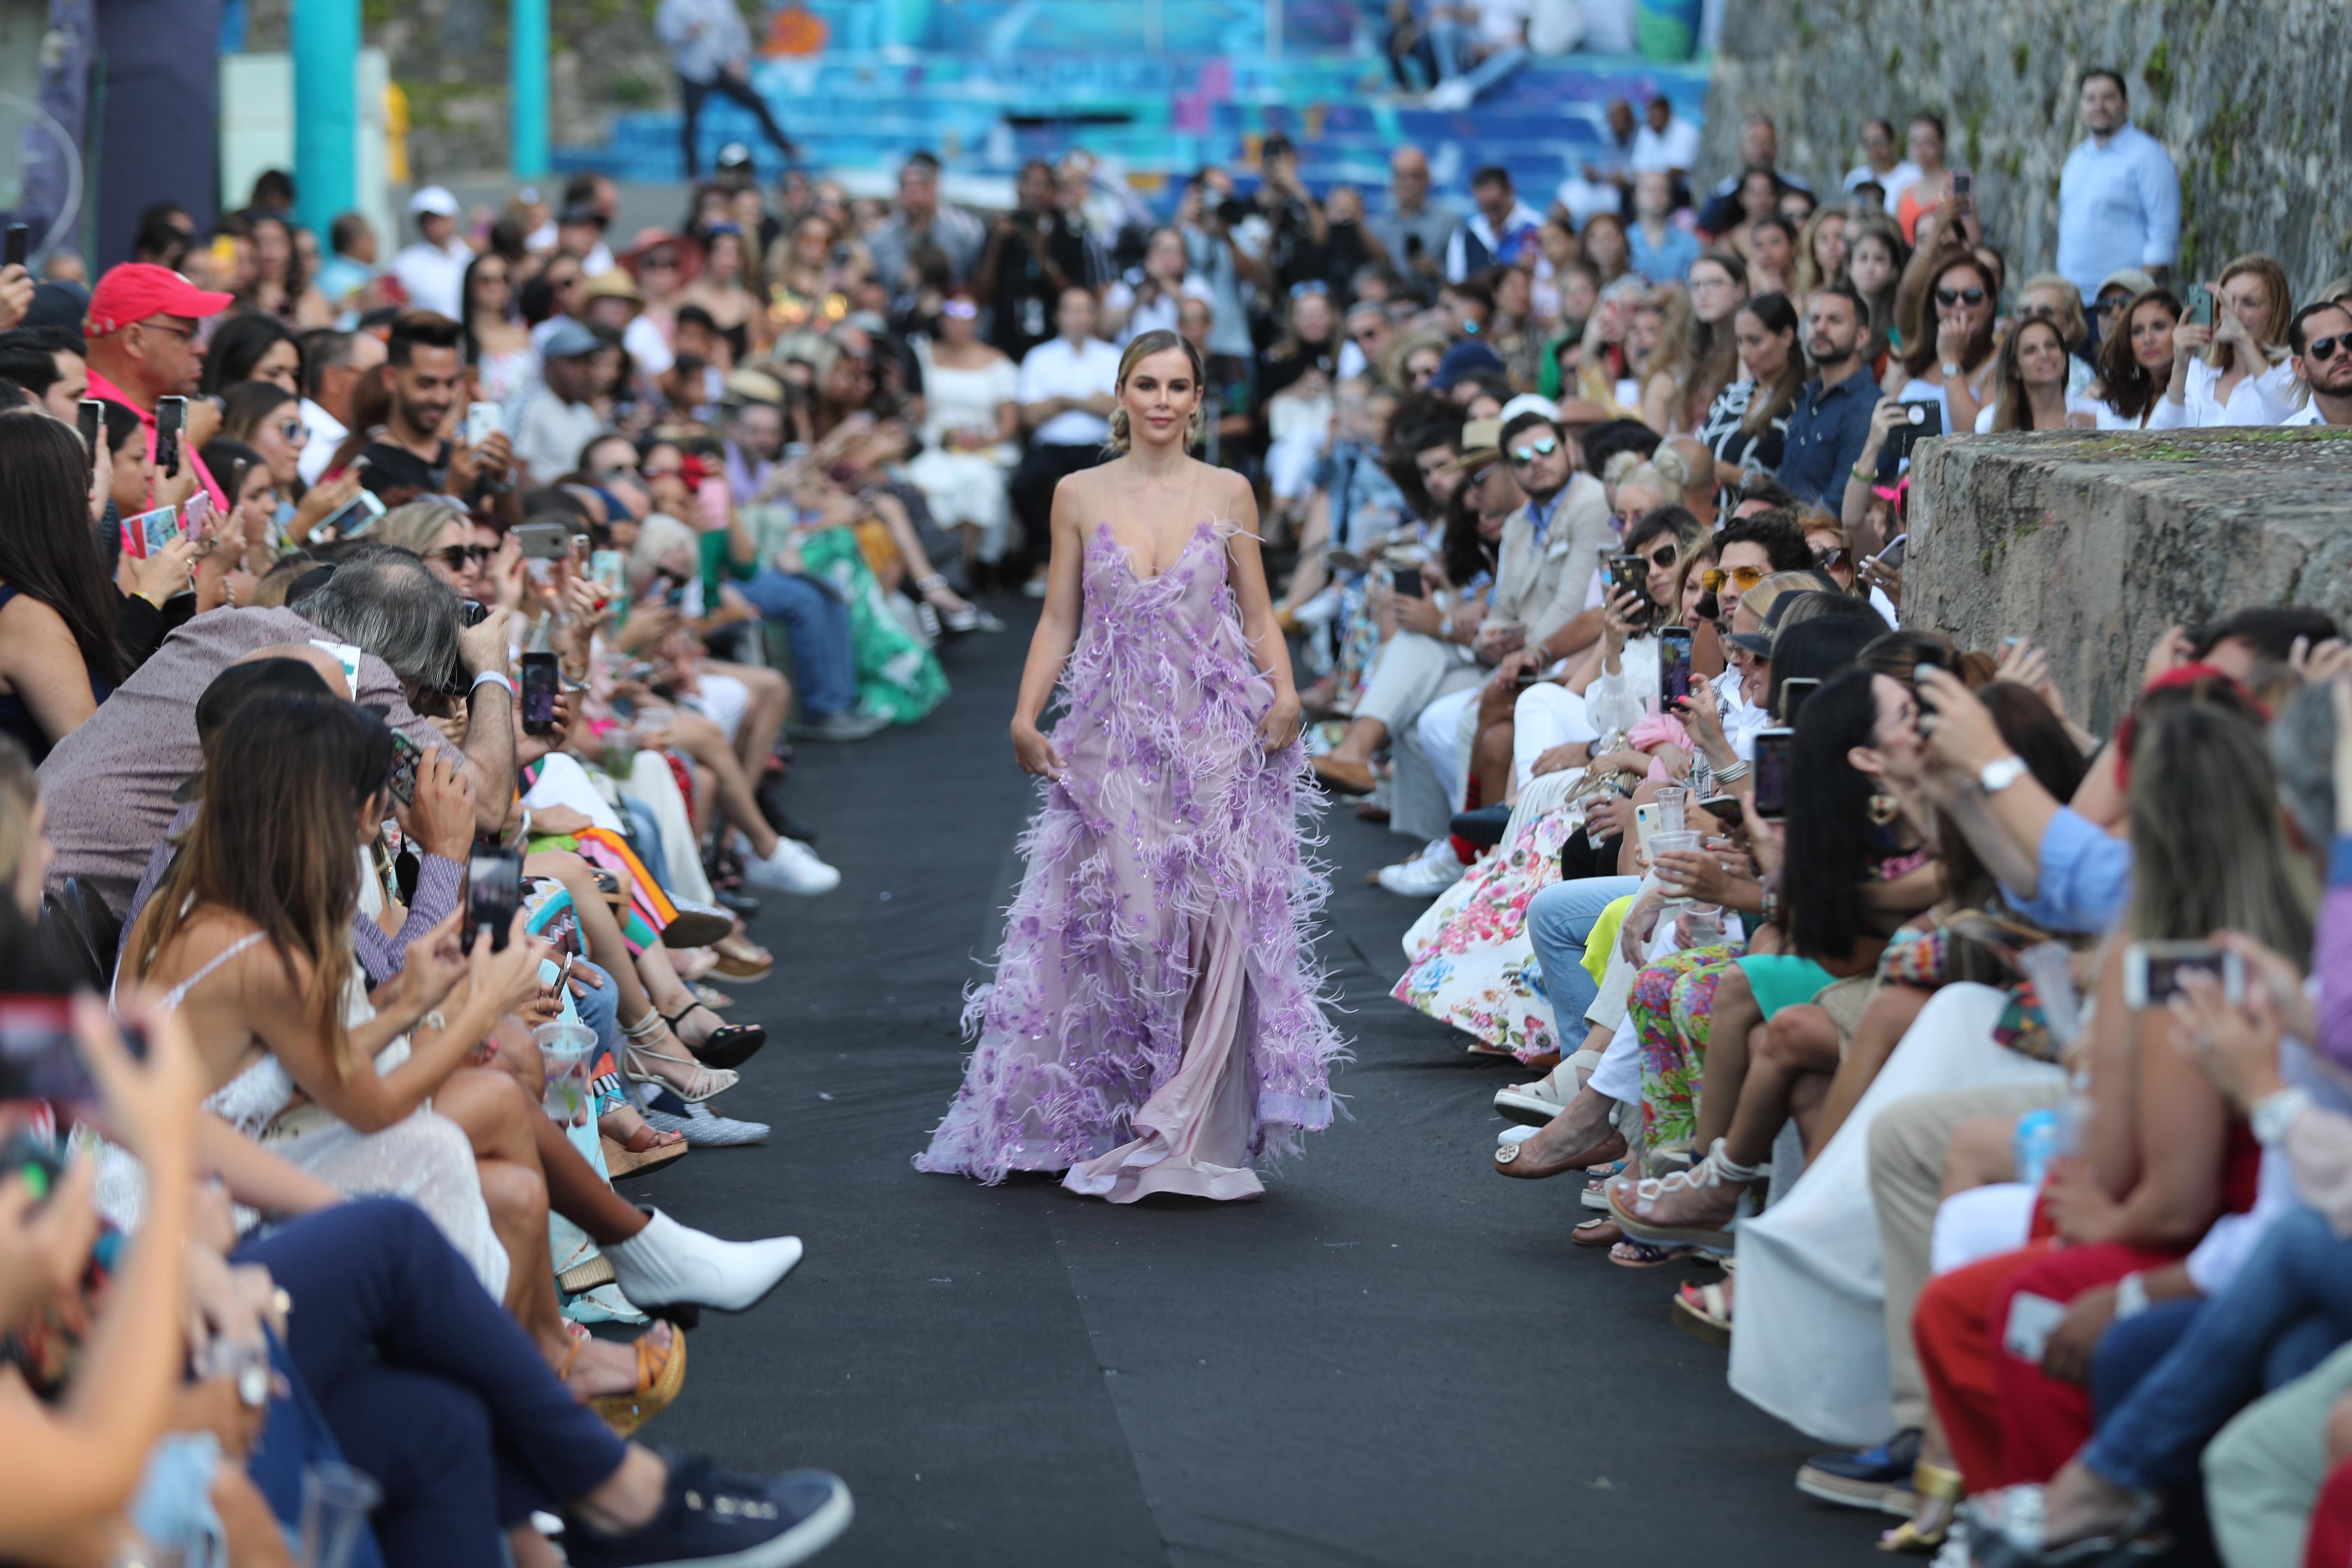 El desfile contó con la participación de la modelo española Agueda López, esposa de Luis Fonsi. (Foto: Juan Luis Martínez)